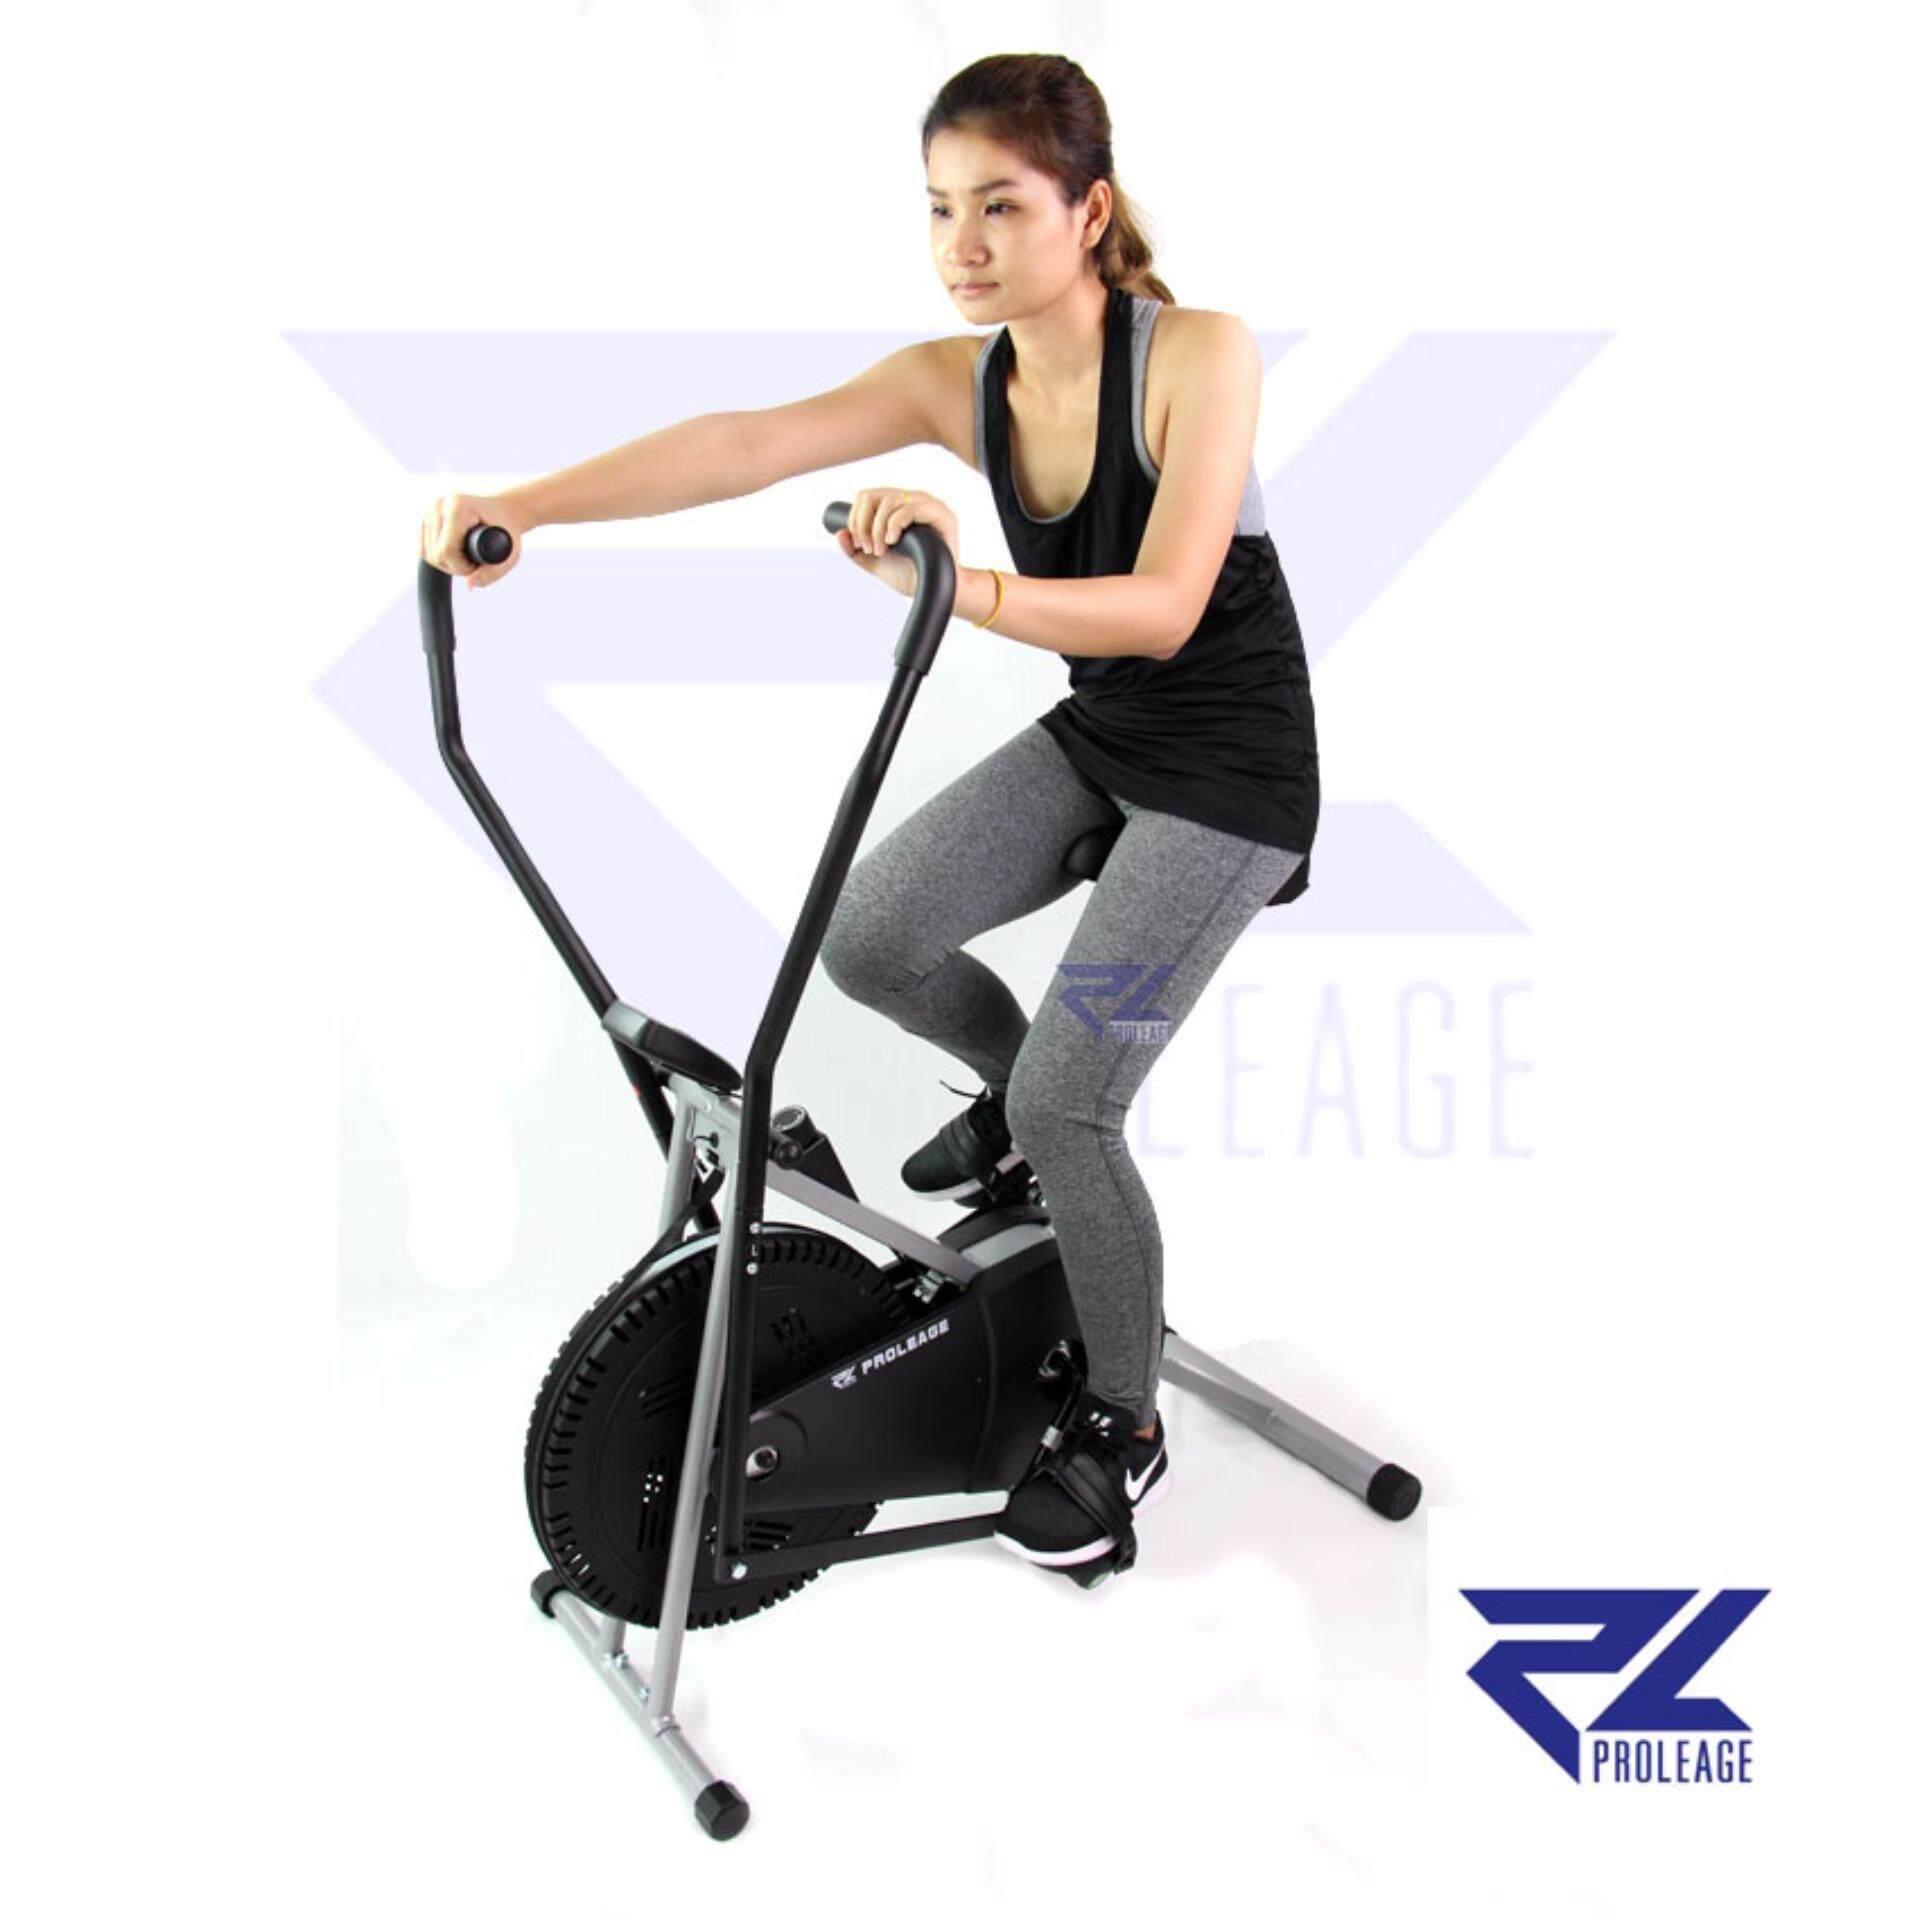 จักรยานออกกำลังกาย  PROLEAGE รุ่น Air bike ส่วนลด -40%